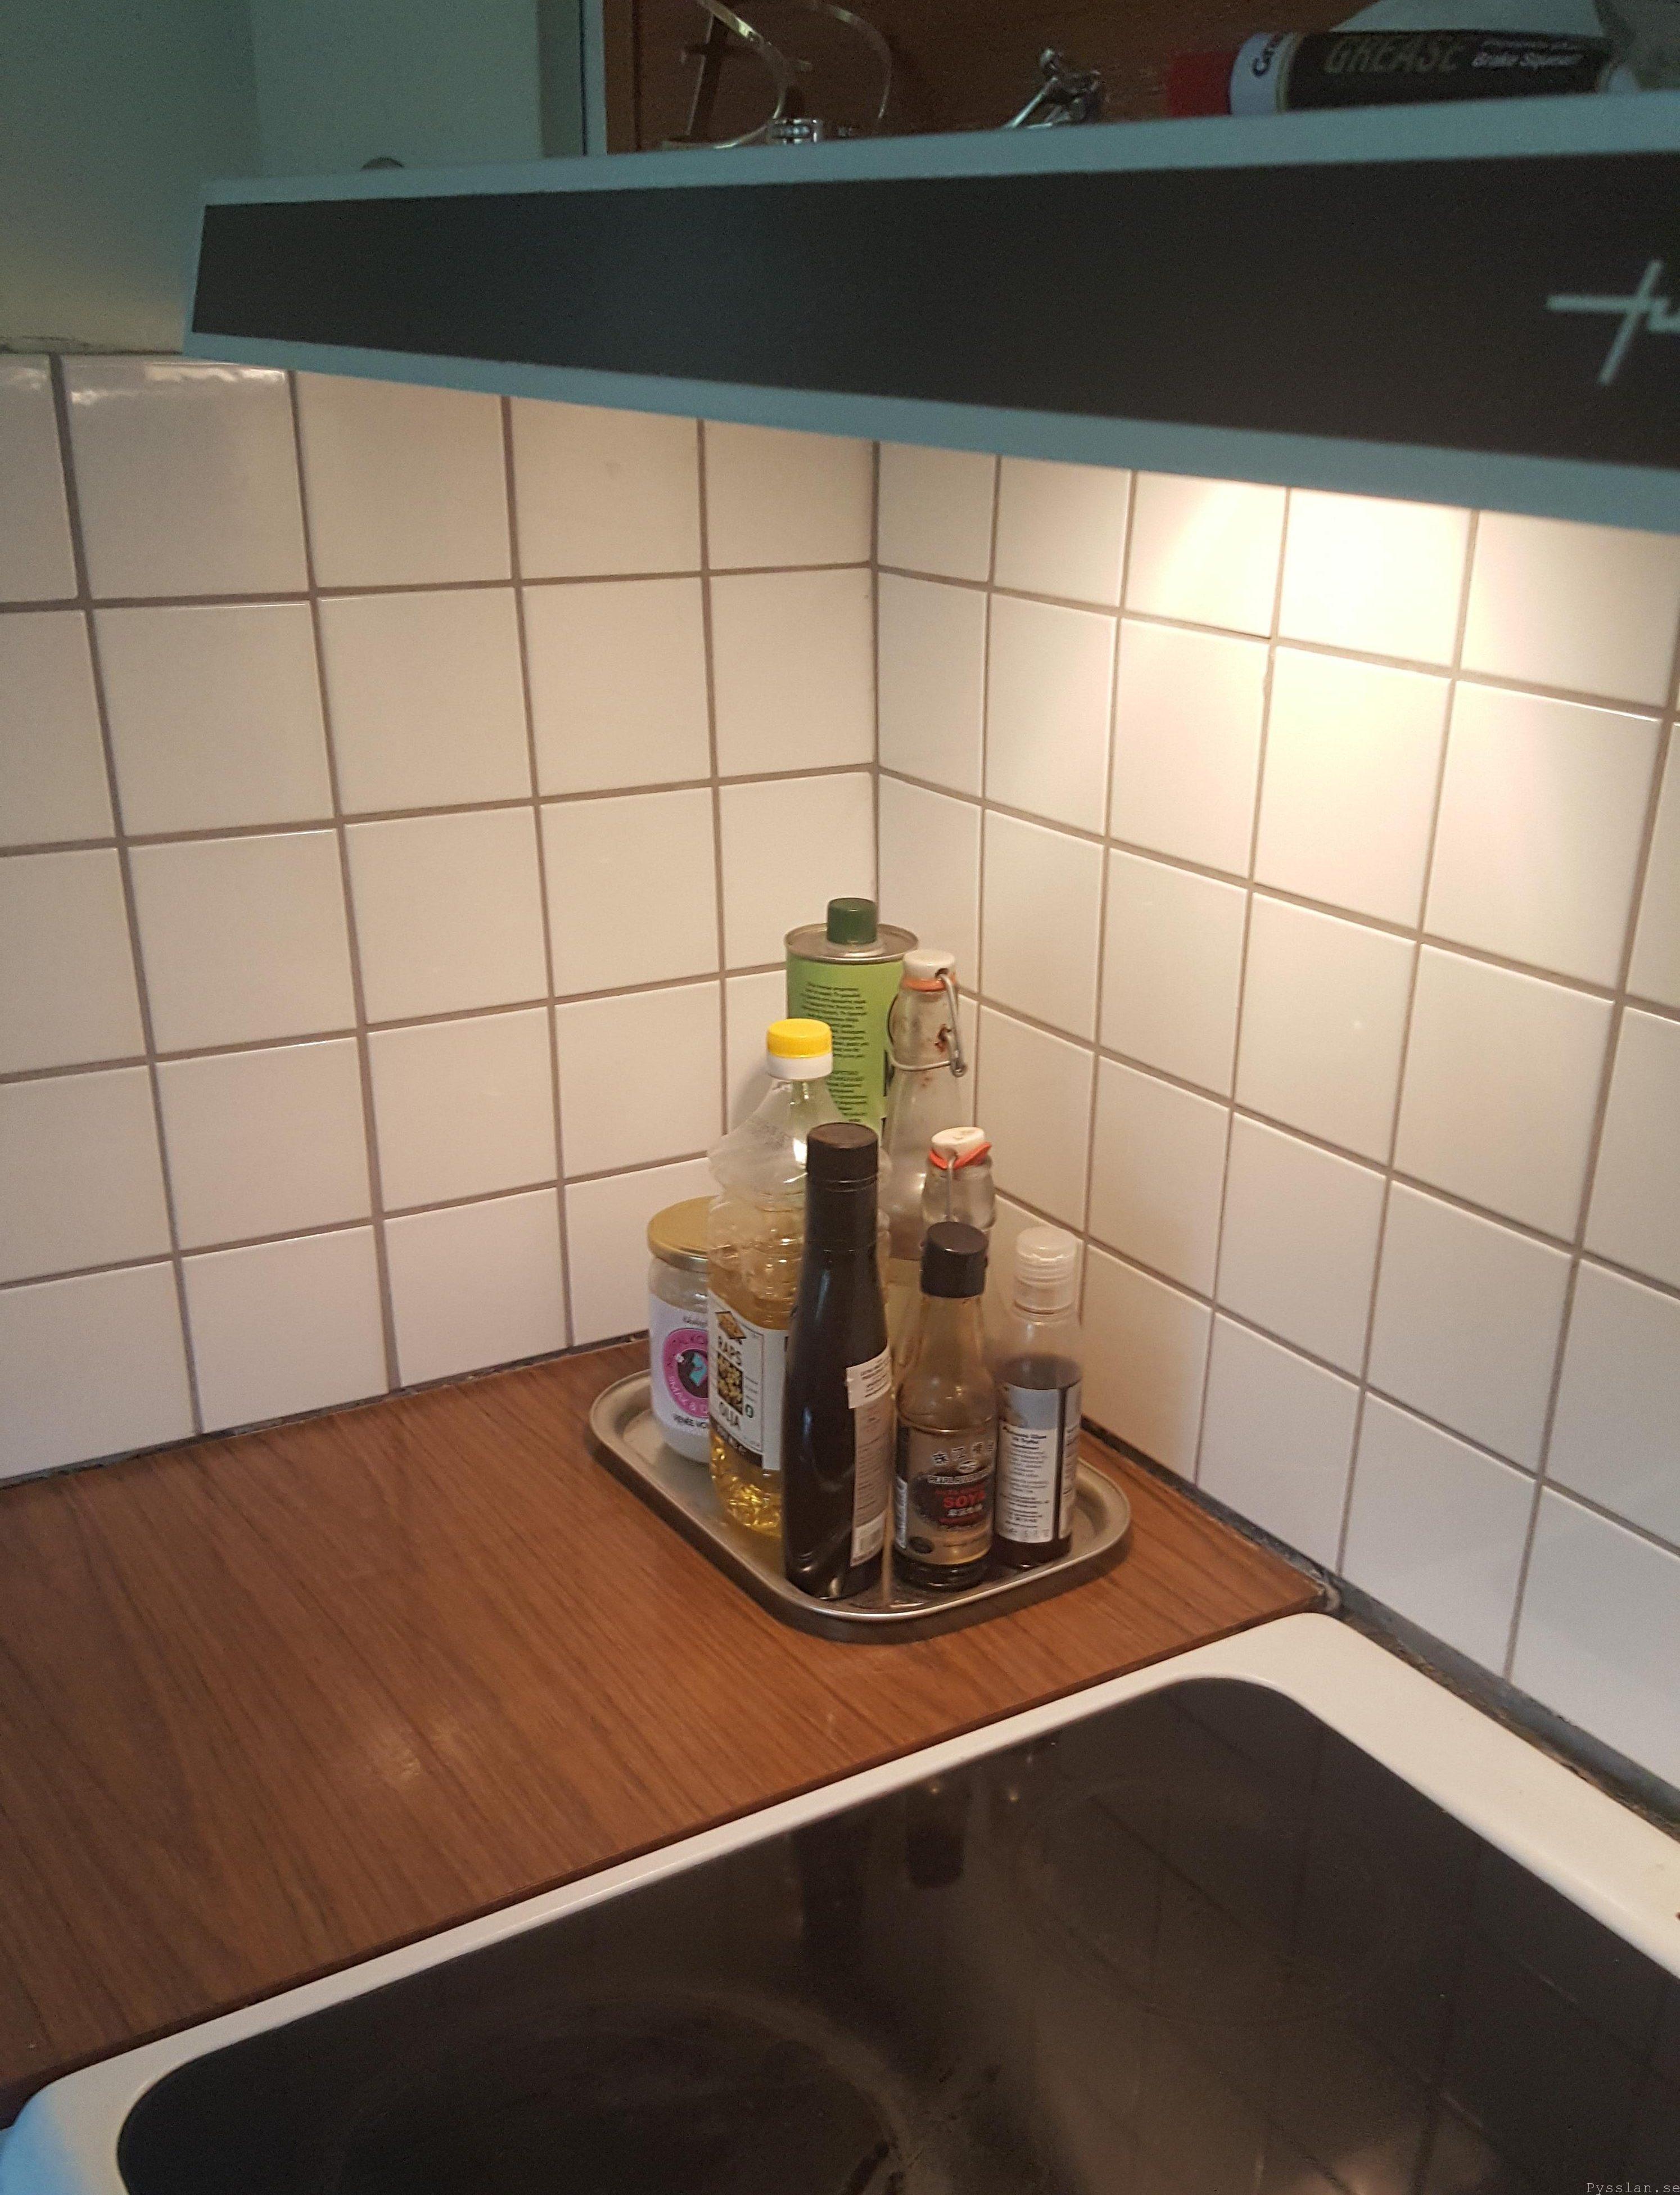 Håll det enkelt kalkel i 20-talskök pysslan blogg villasmultronbacken kaklat stänkskydd spis